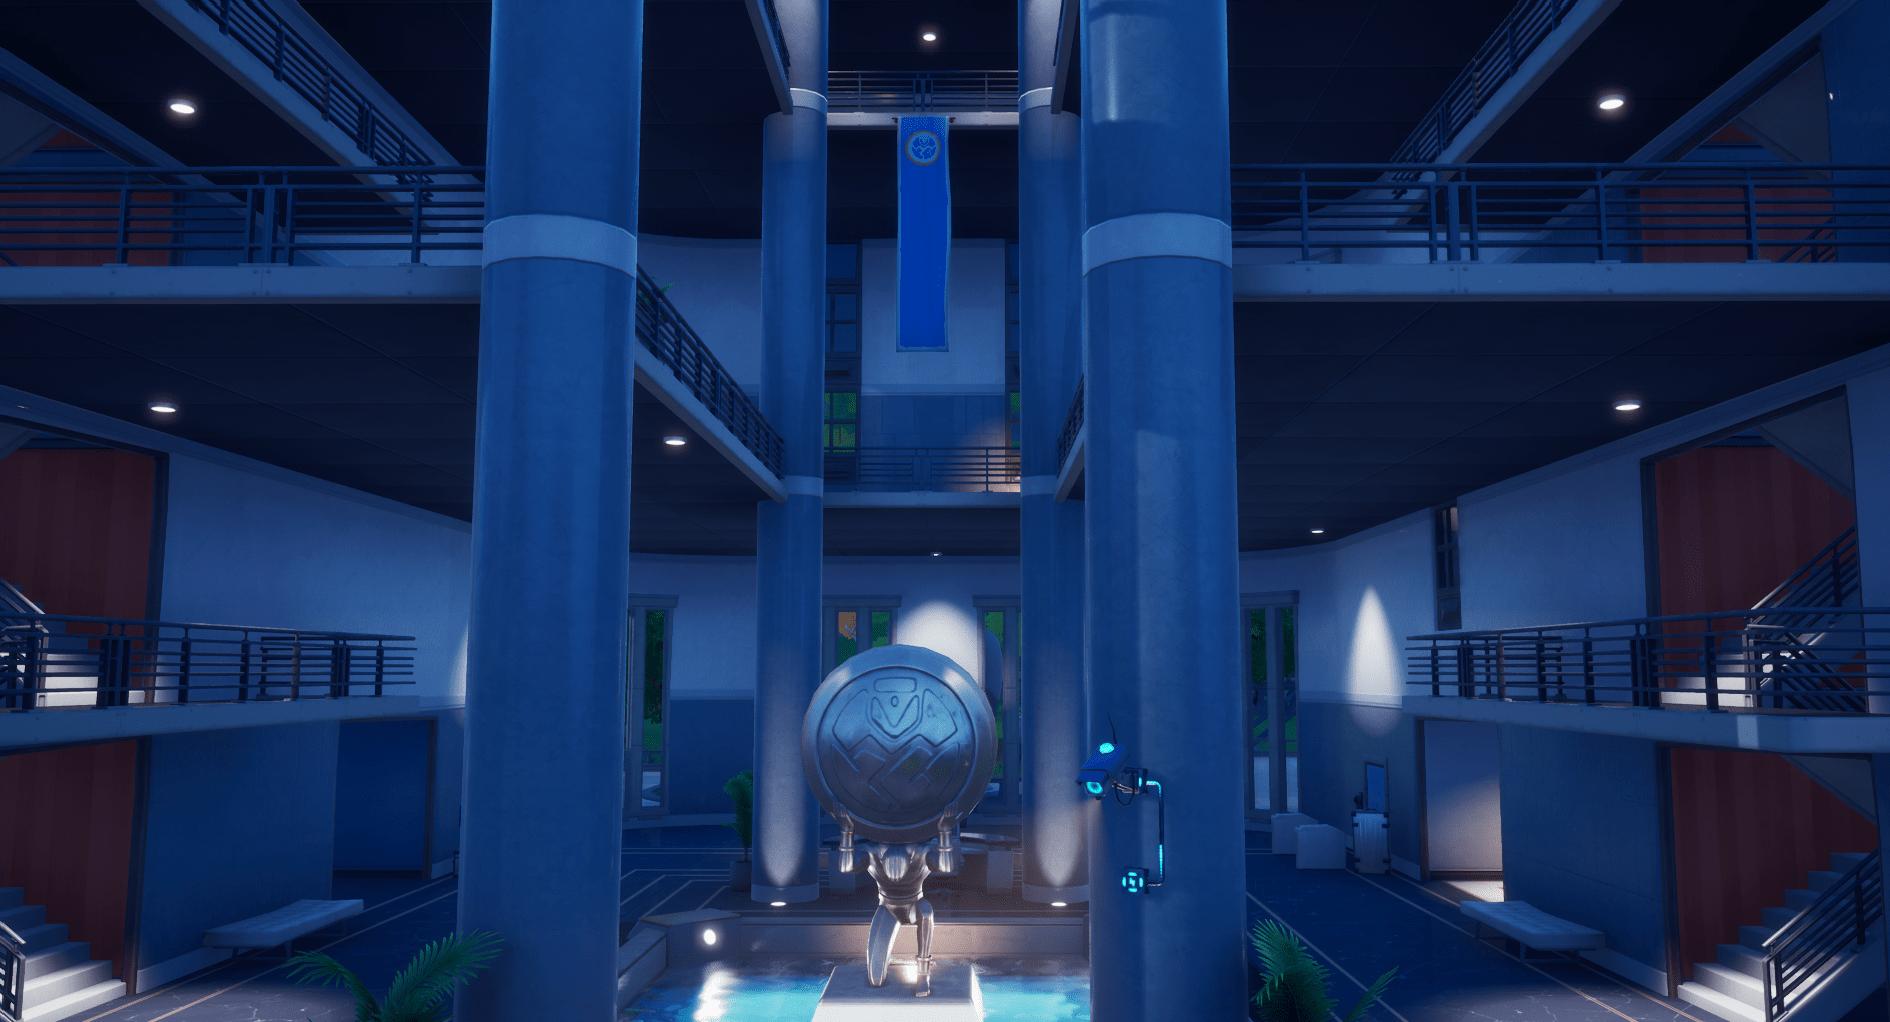 Fortnite v12.00 Map Changes - Inside The Agency